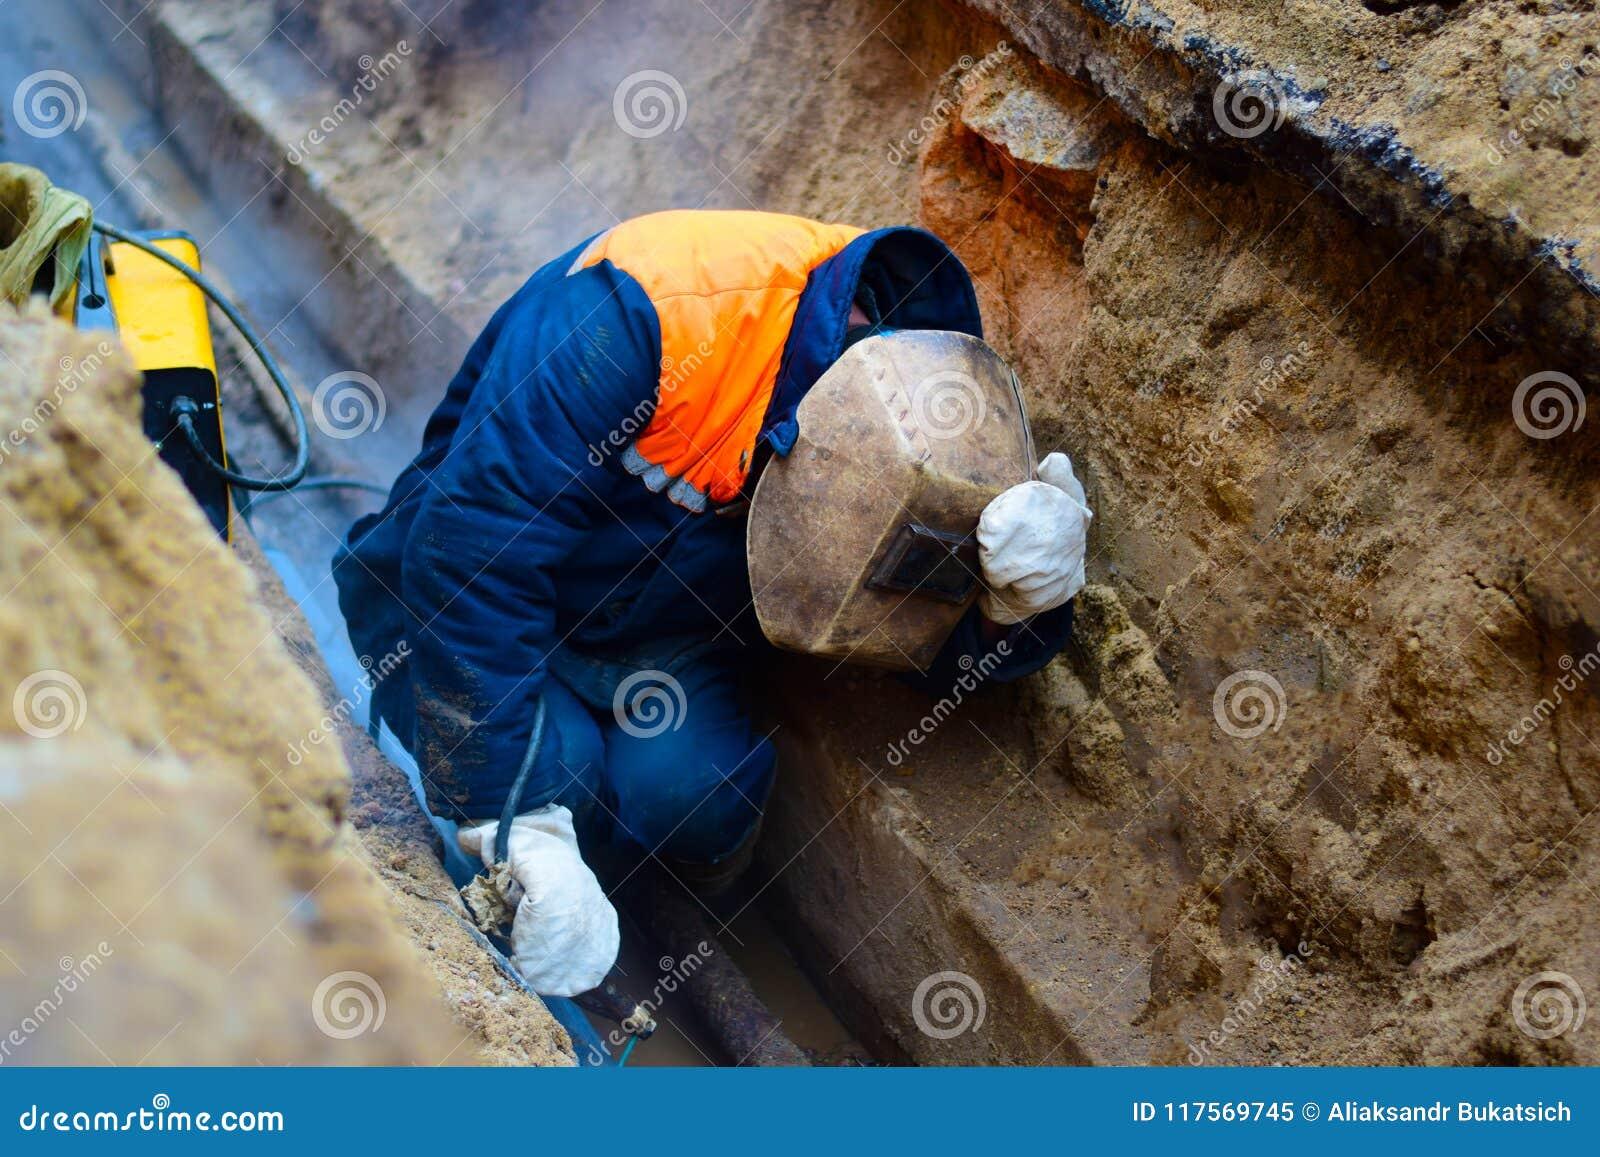 La soudeuse répare la canalisation dans la mine